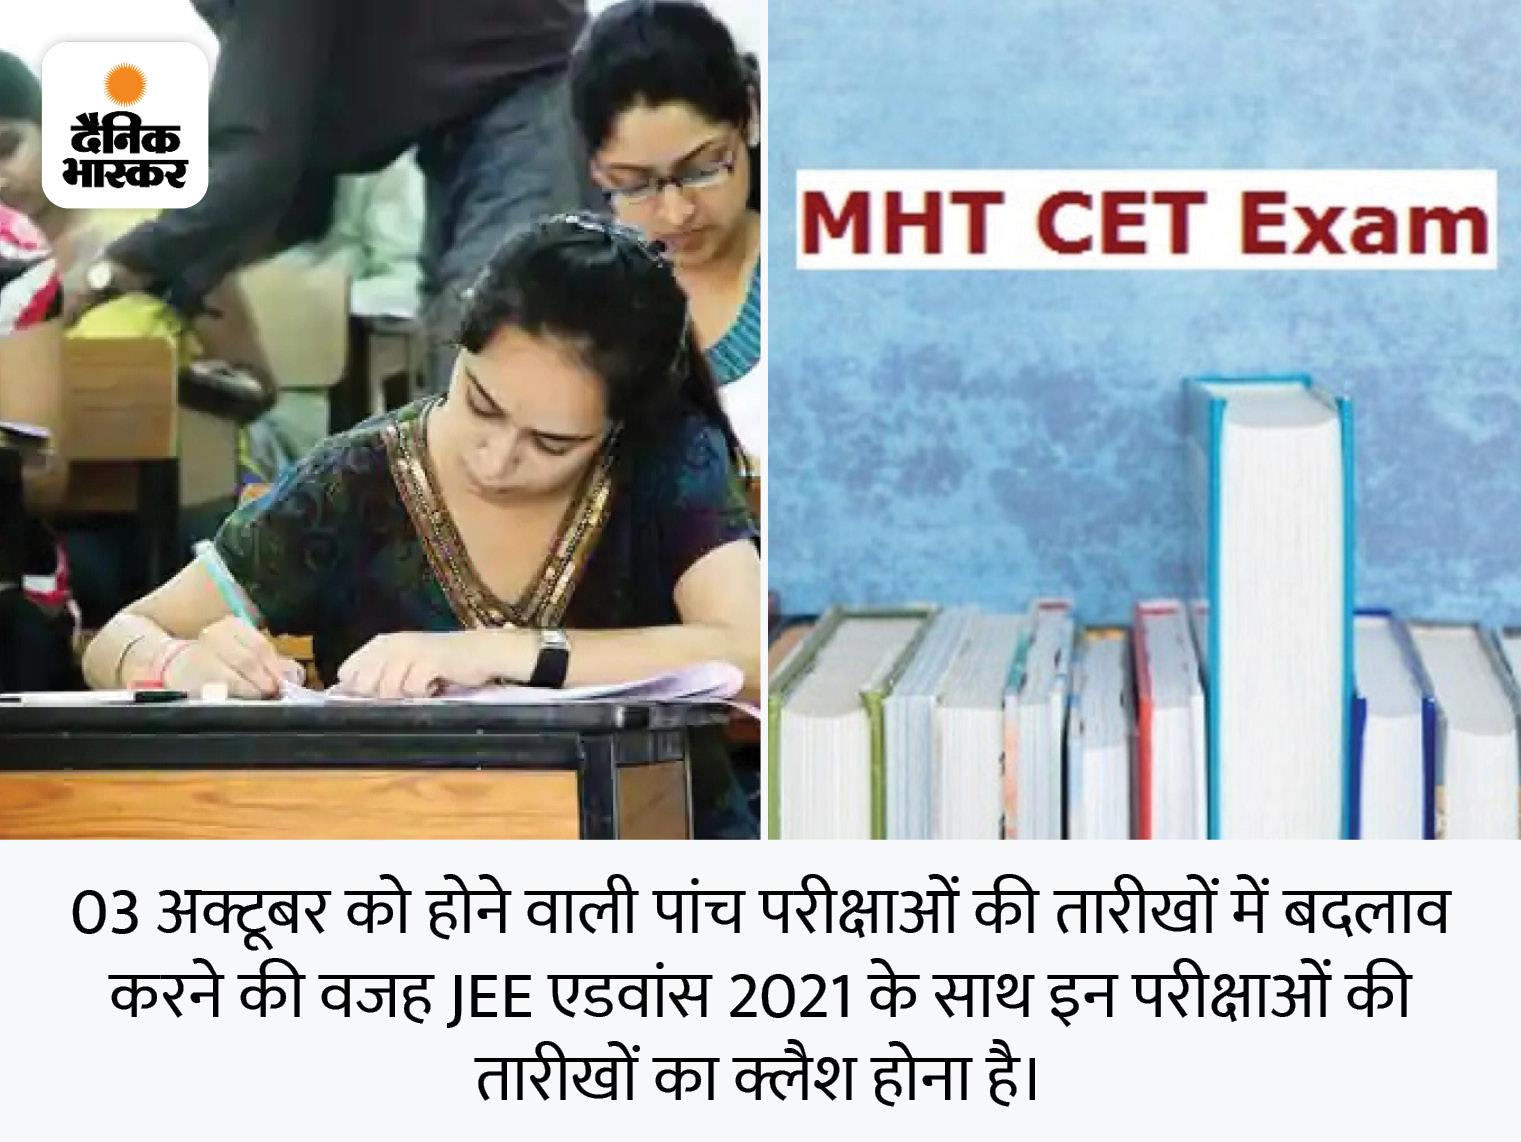 महाराष्ट्र सीईटी के परीक्षा कार्यक्रम में हुआ बदलाव, 3 के बजाय 8 अक्टूबर को होगा इन परीक्षाओं का आयोजन|करिअर,Career - Dainik Bhaskar